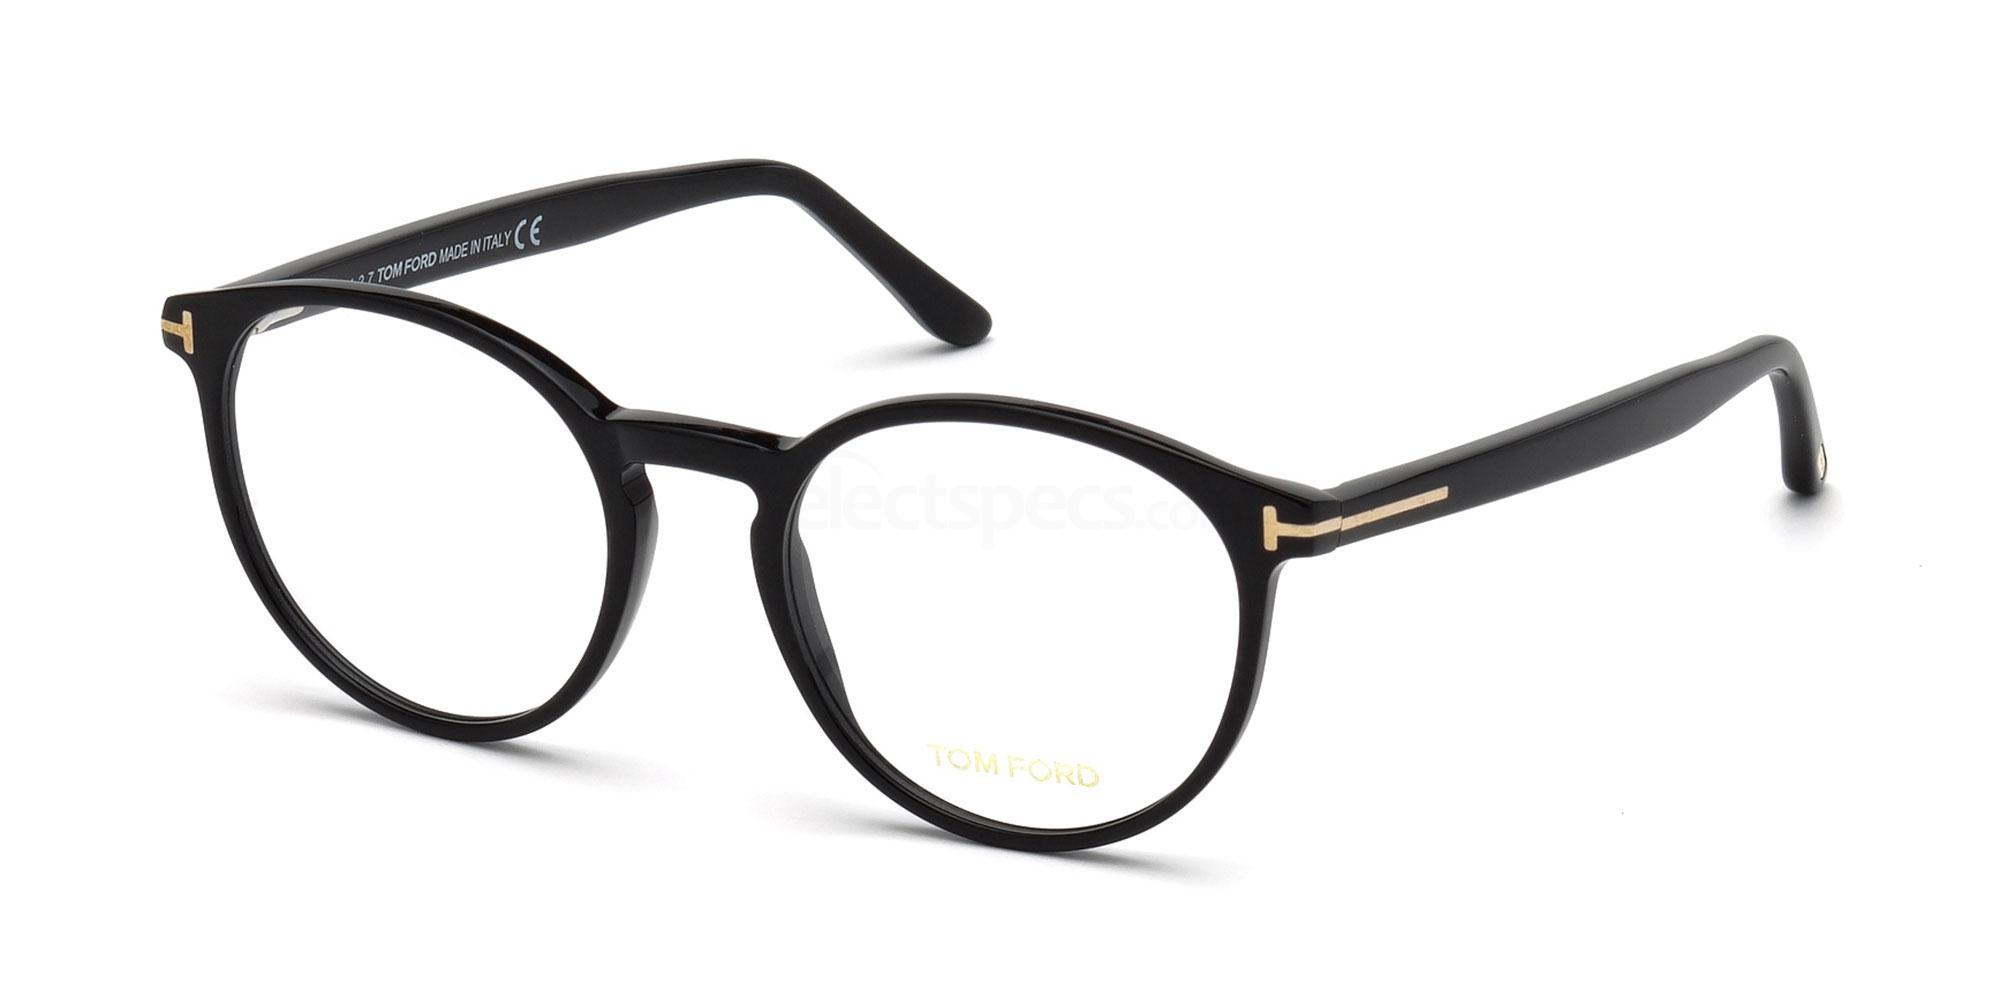 001 FT5524 Glasses, Tom Ford